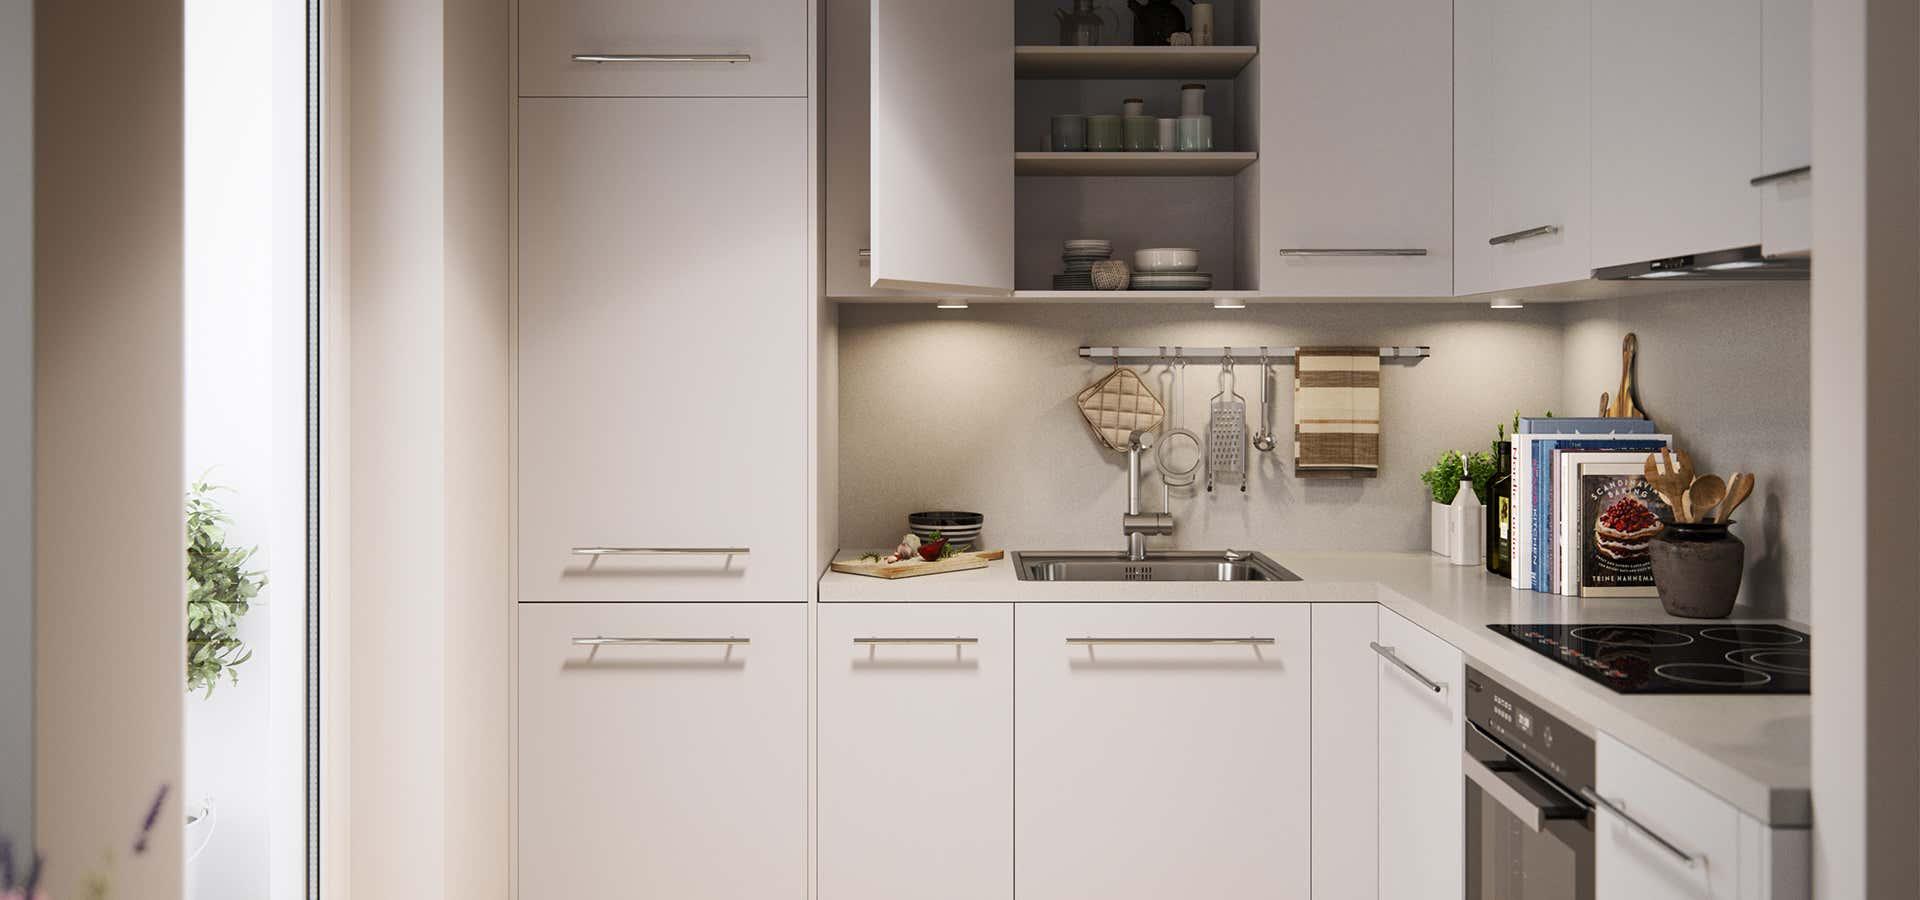 Bezaubernd Kleine Küchen Optimal Einrichten Referenz Von Contentassets/ec6d0b05d7a24751aa653de2af250c29/bonava_kueche_einrichten_klein.jpg